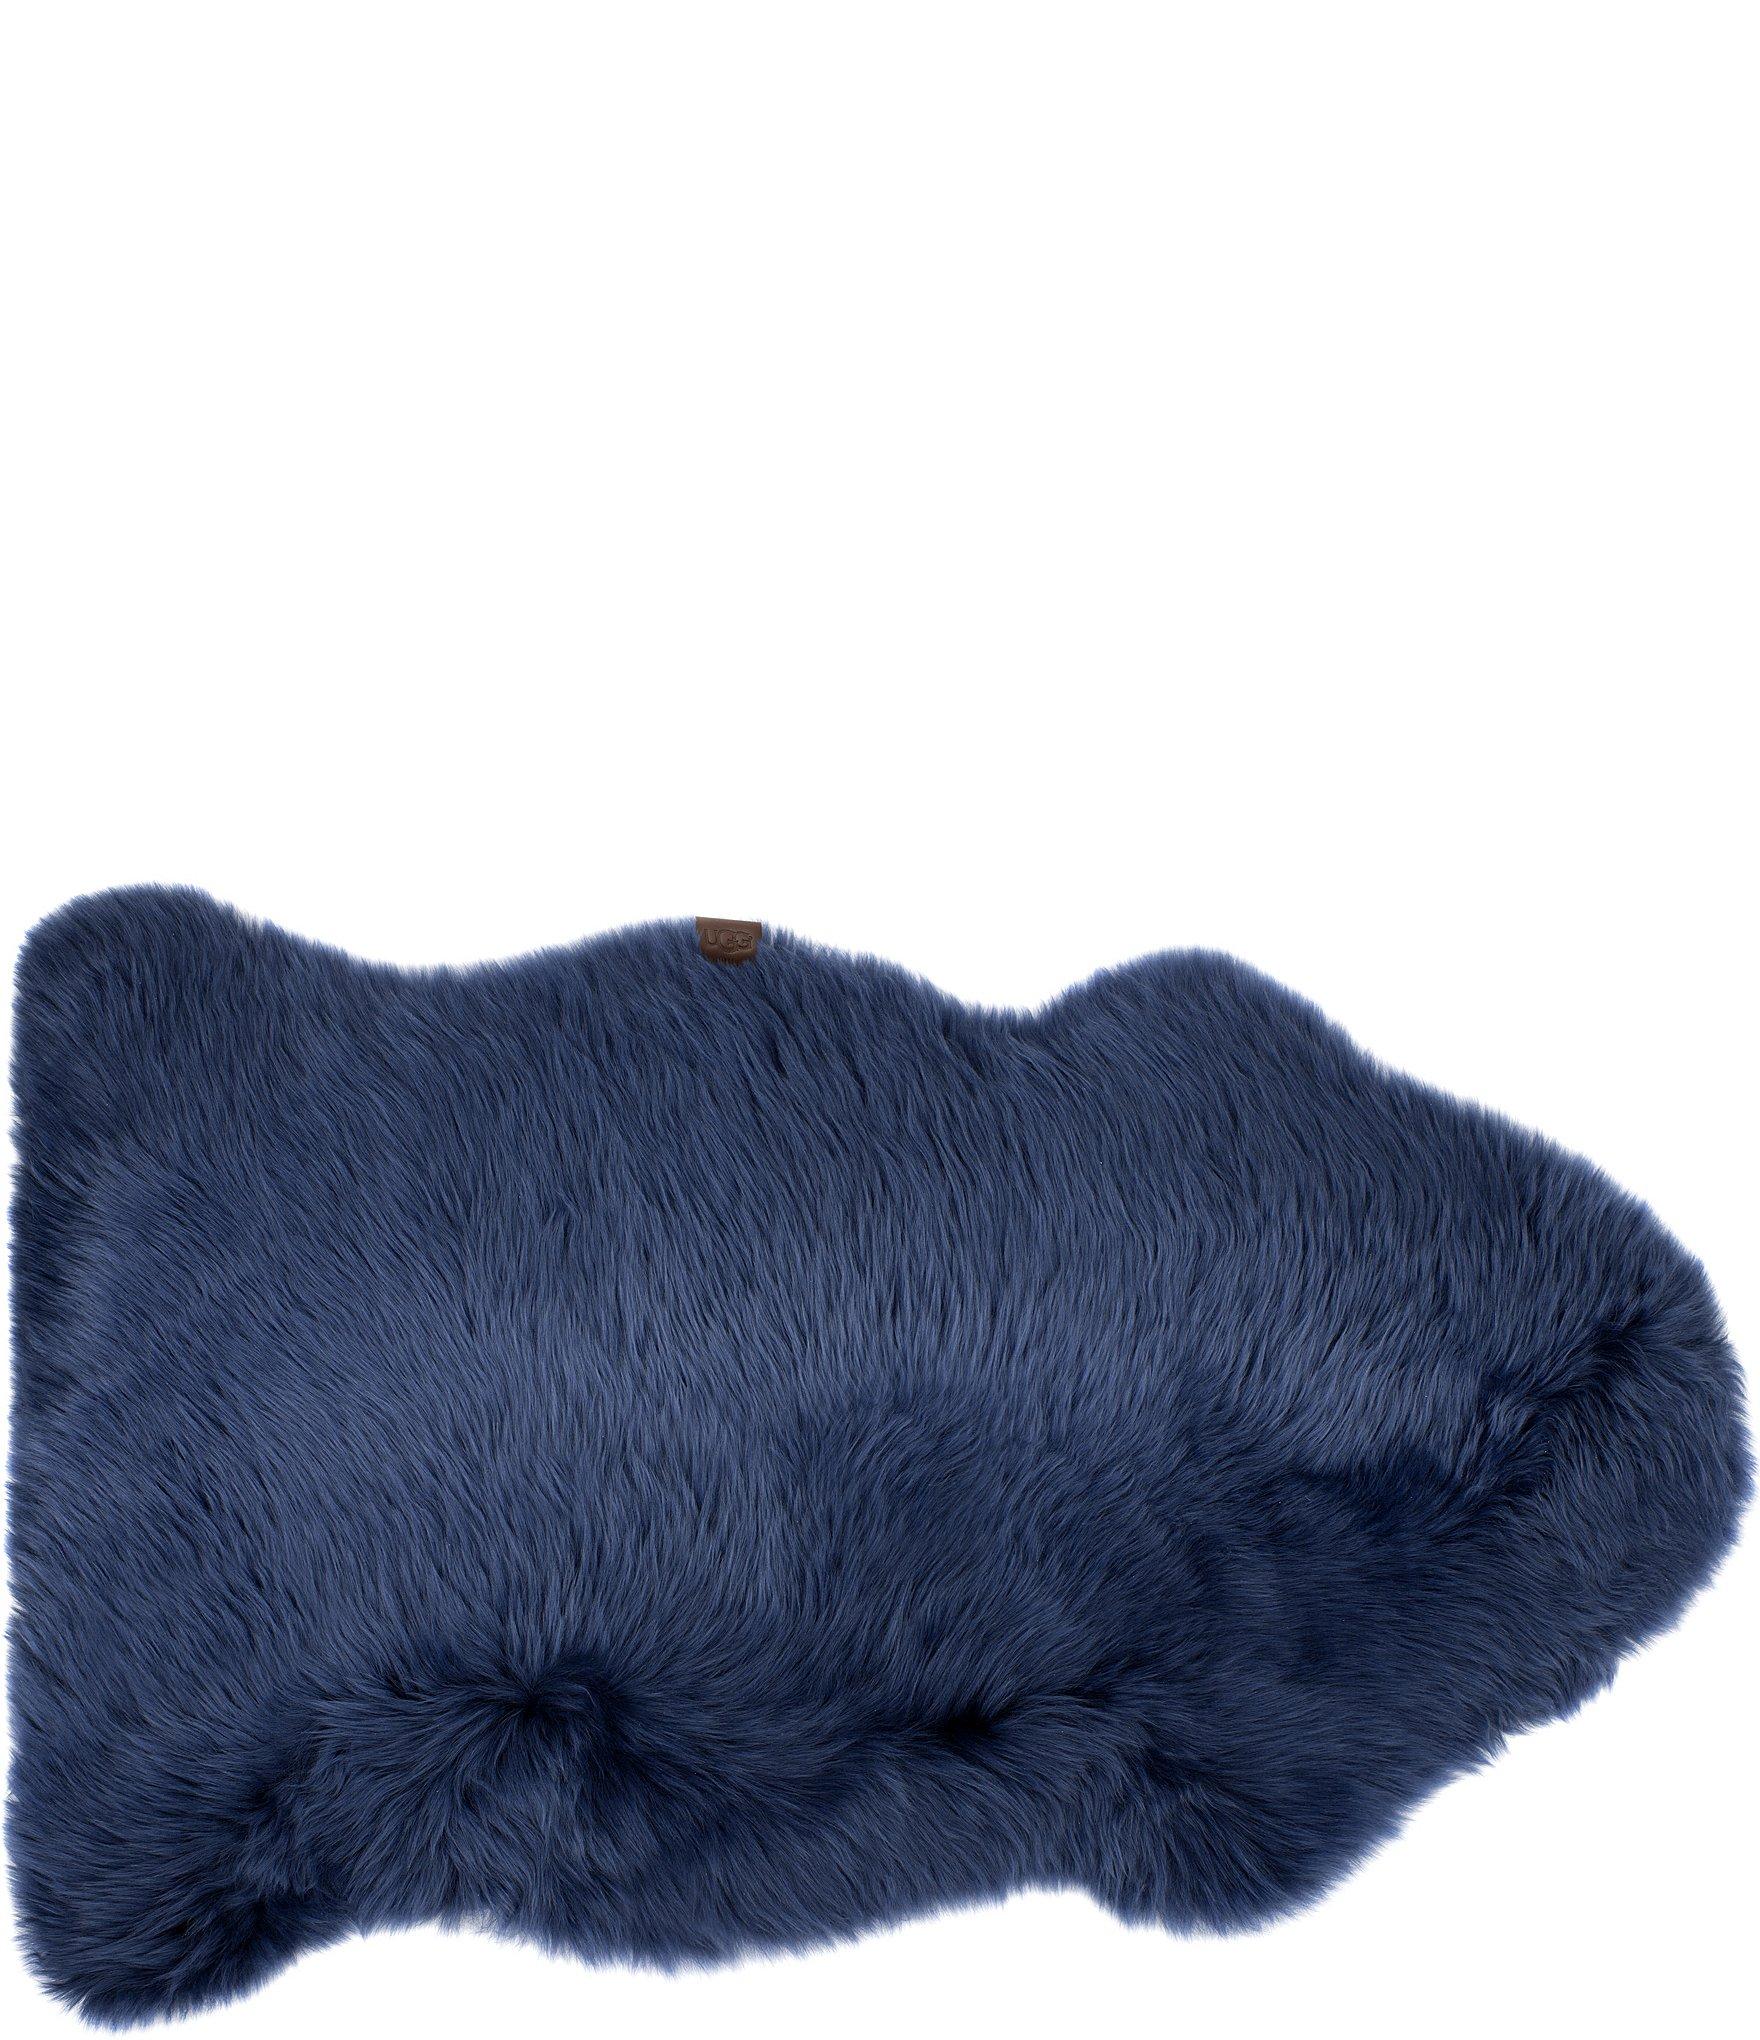 Ugg Sheepskin Rug Dillard S